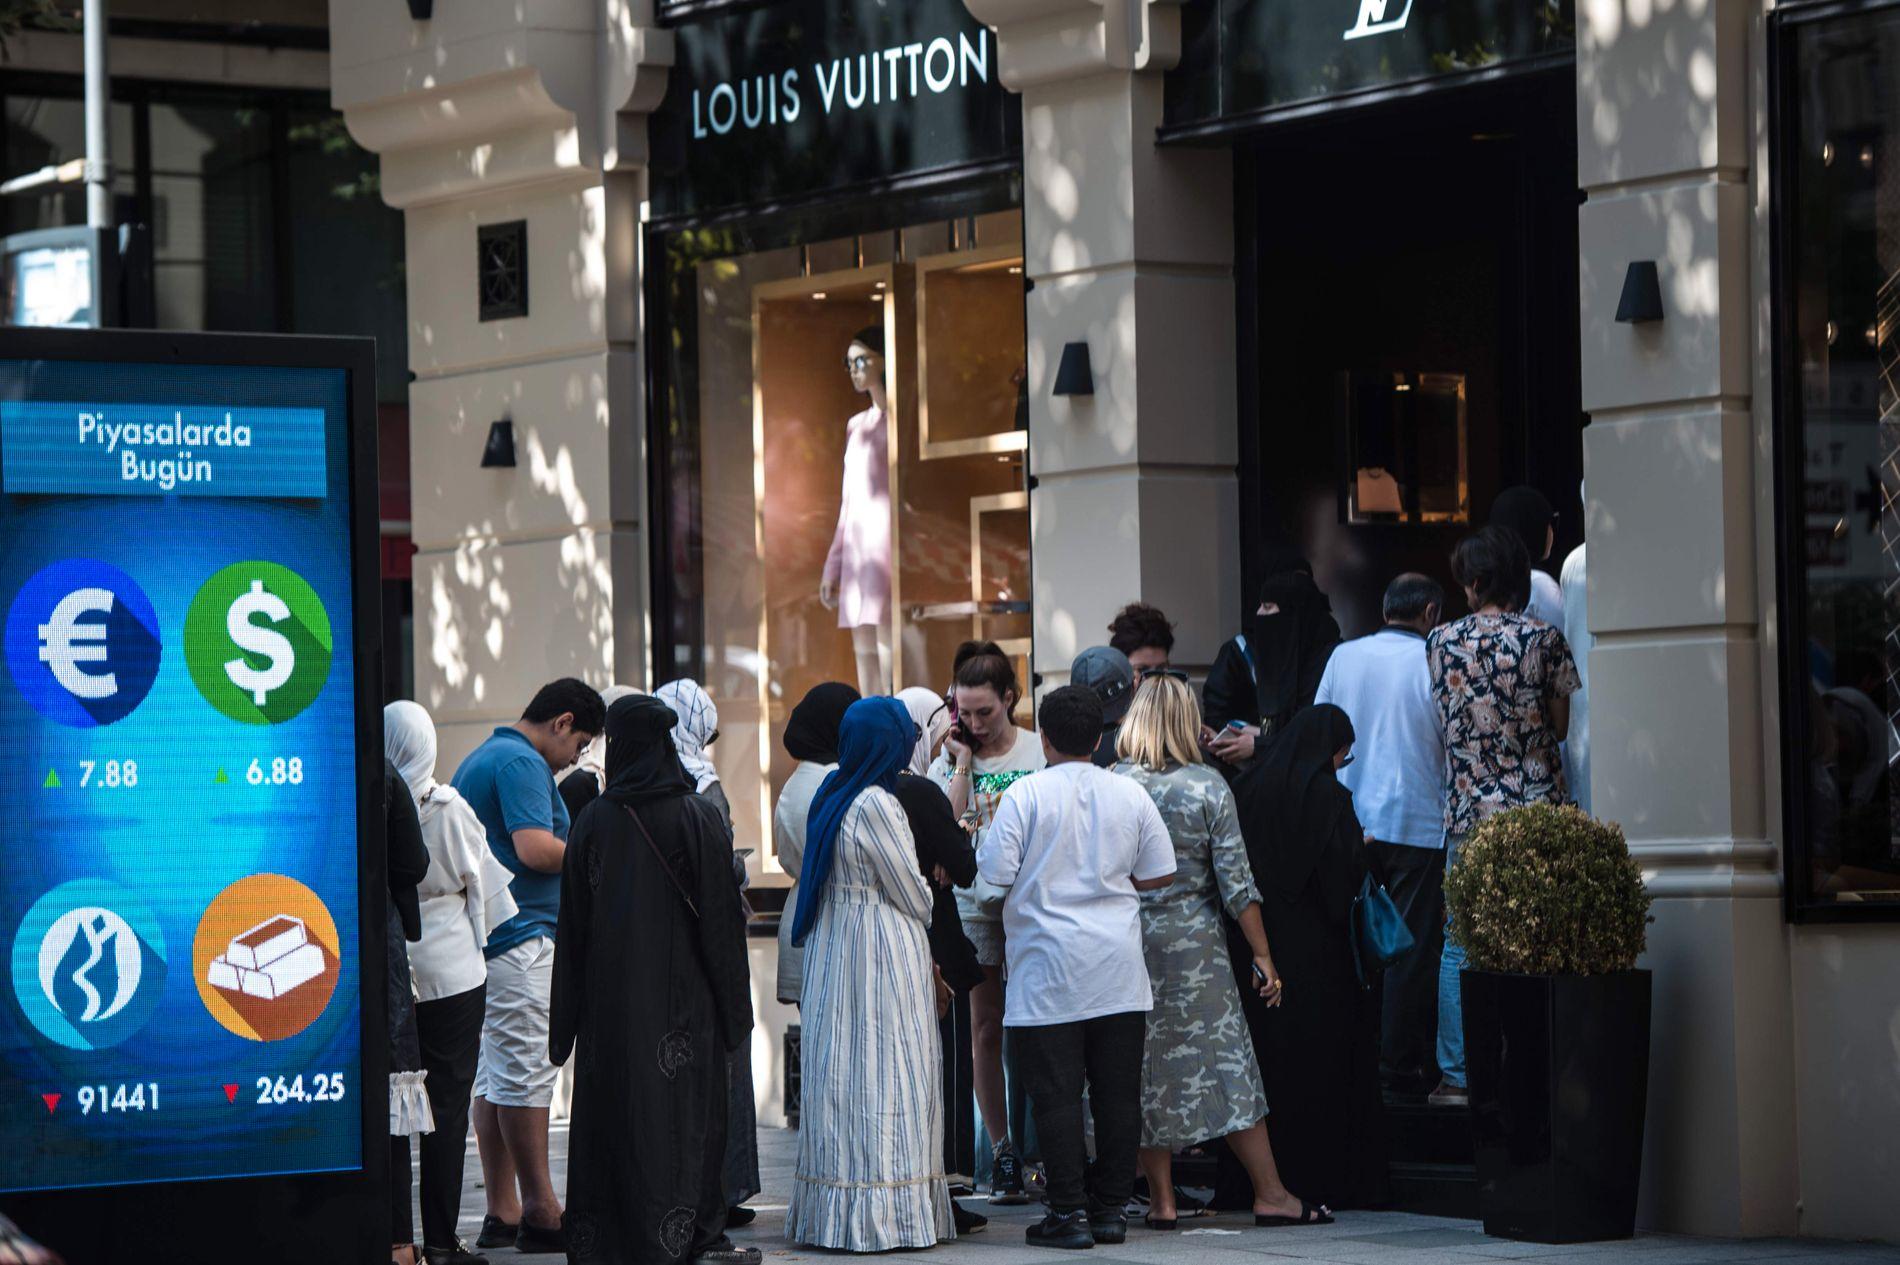 BILLIGERE LUKSUS: Turistene sto mandag i kø utenfor Louis Vuitton-butikken i Istanbul. Luksusvarene er blitt billigere på grunn av det kraftige valutafallet, demonstrert ved plakaten til venstre.